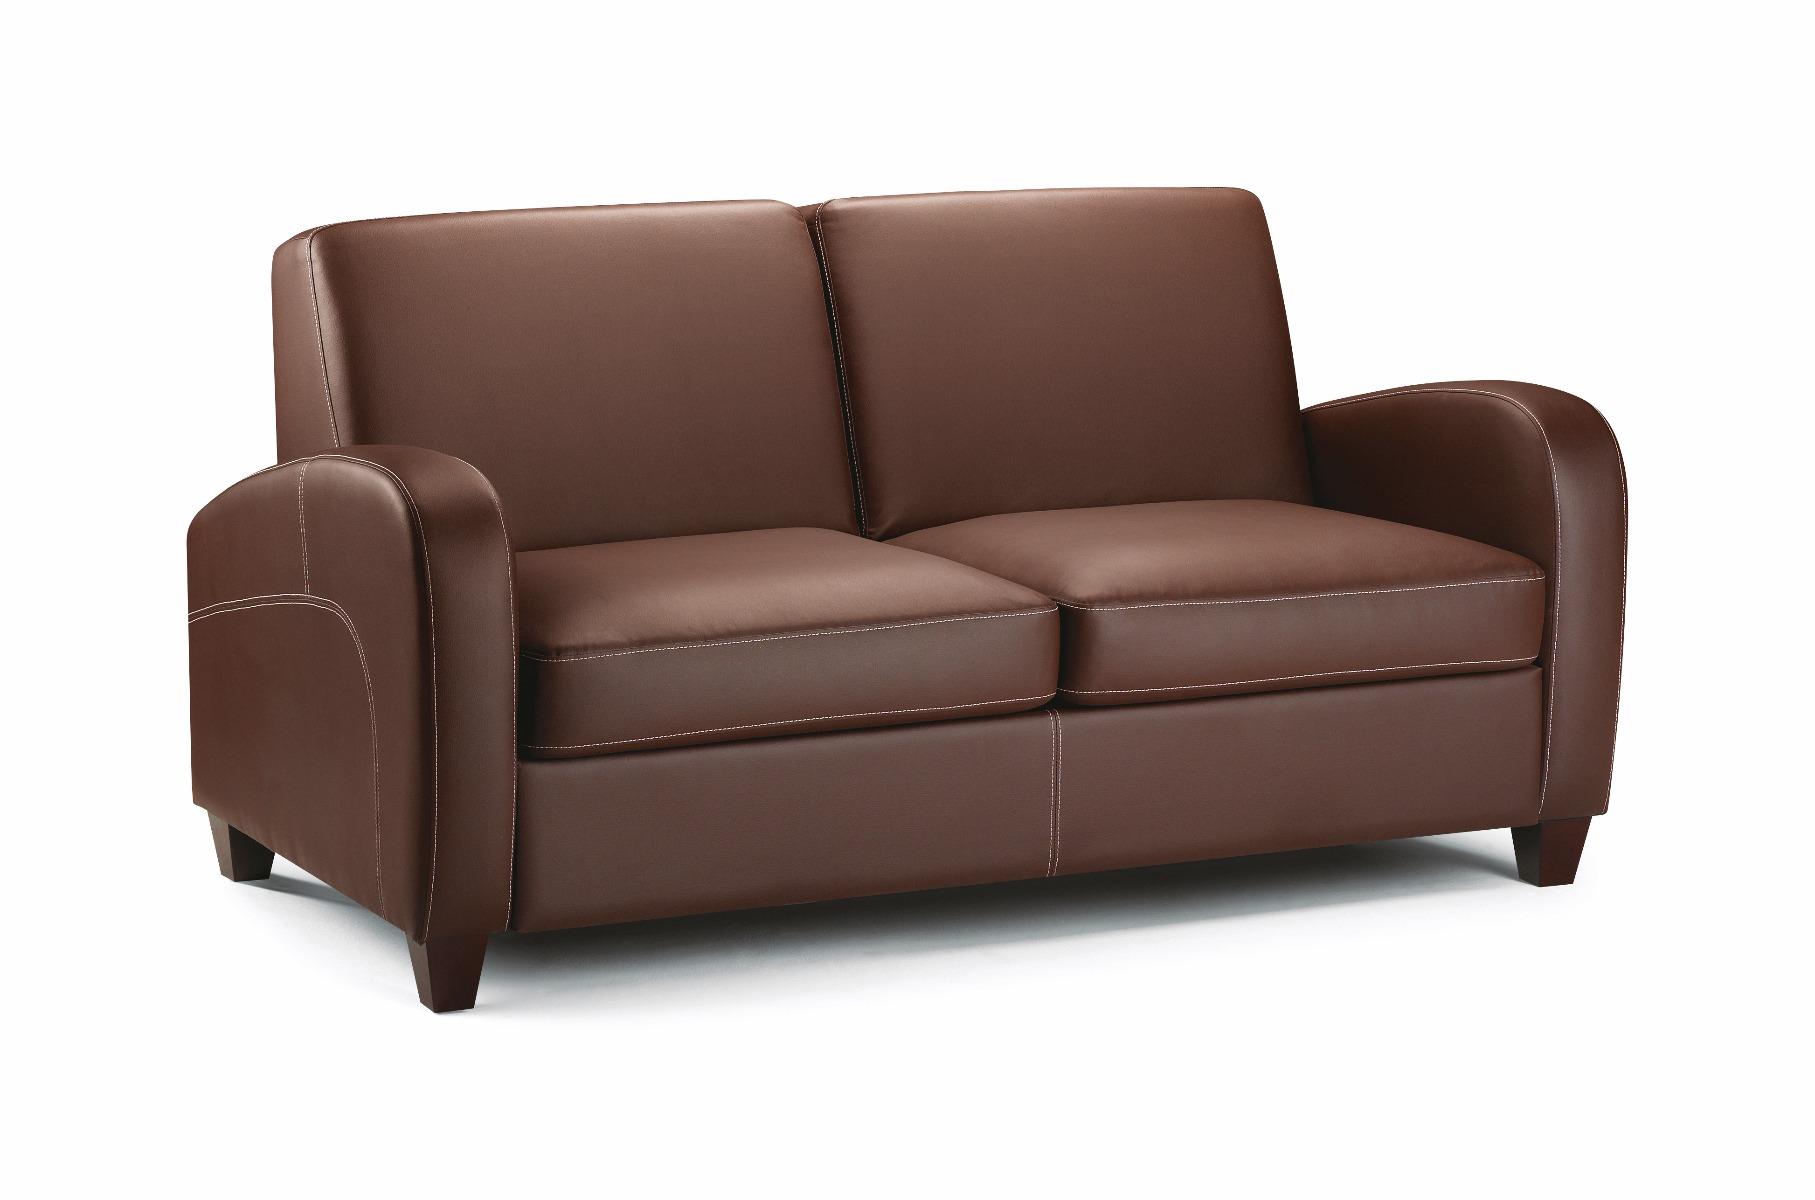 Marvelous Vesta Chestnut Faux Leather Sofa Bed Lamtechconsult Wood Chair Design Ideas Lamtechconsultcom